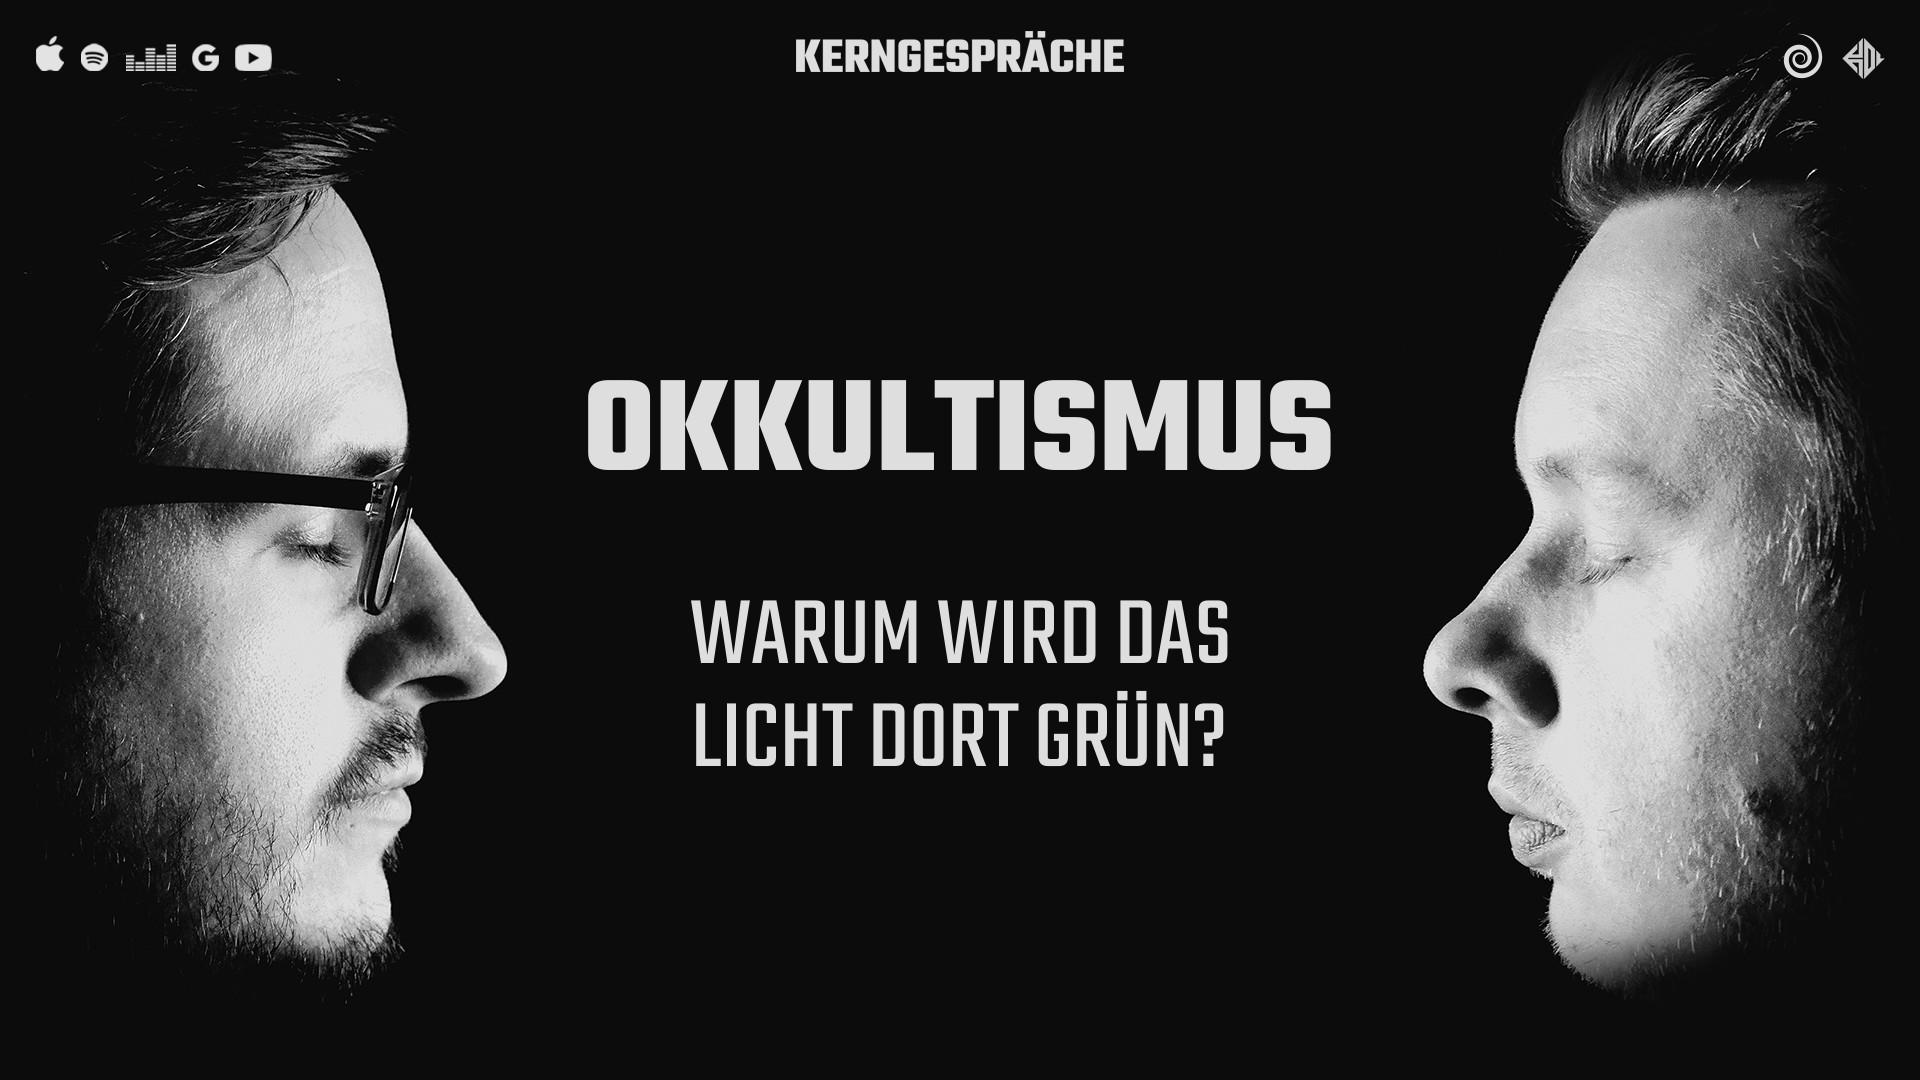 Okkultismus: Warum wird das Licht dort grün?